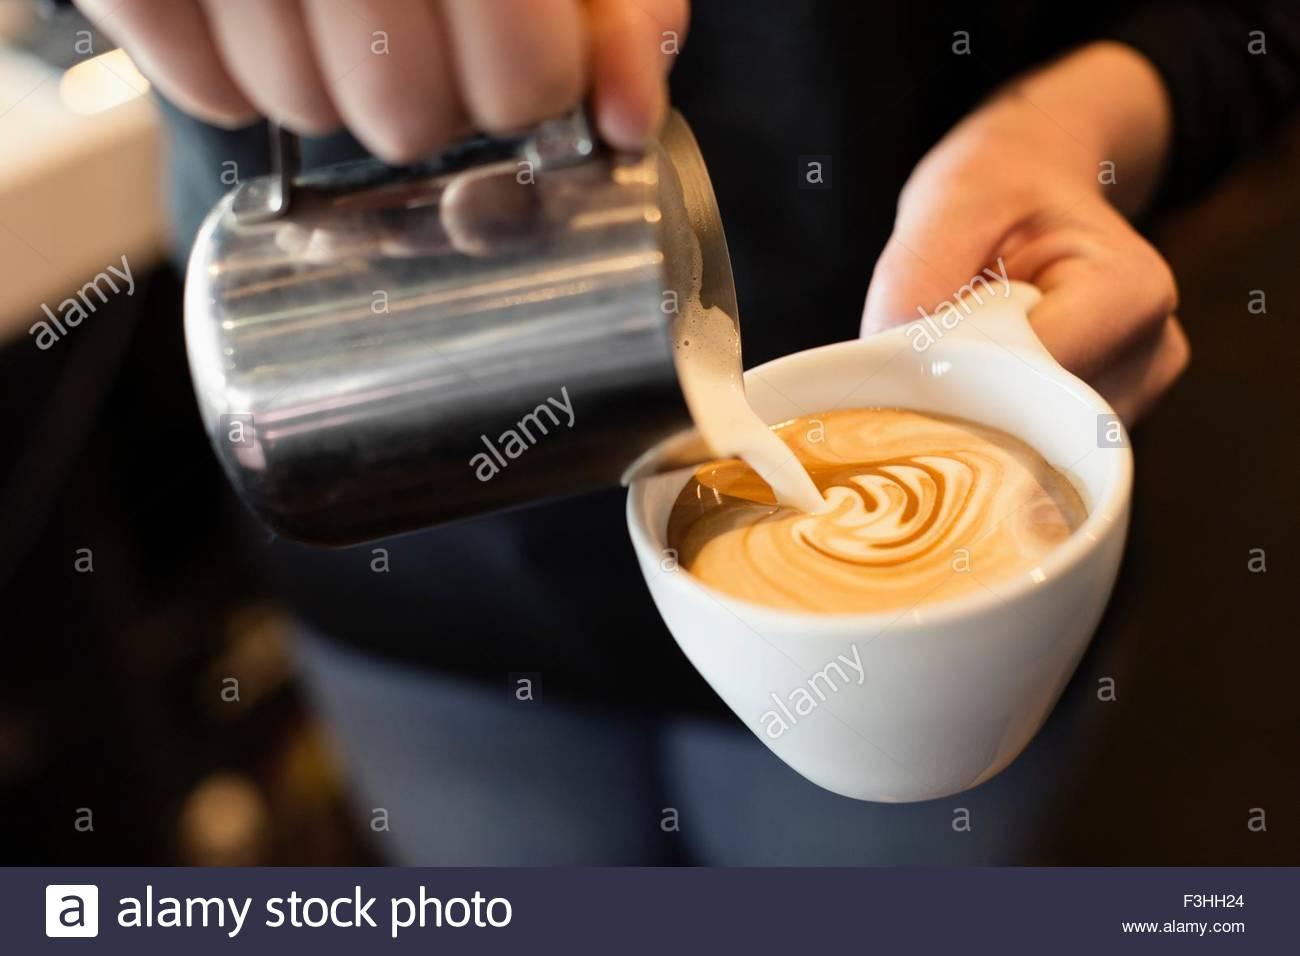 Café Barista Gießen Milch in Kaffee, Mittelteil, Nahaufnahme Stockbild